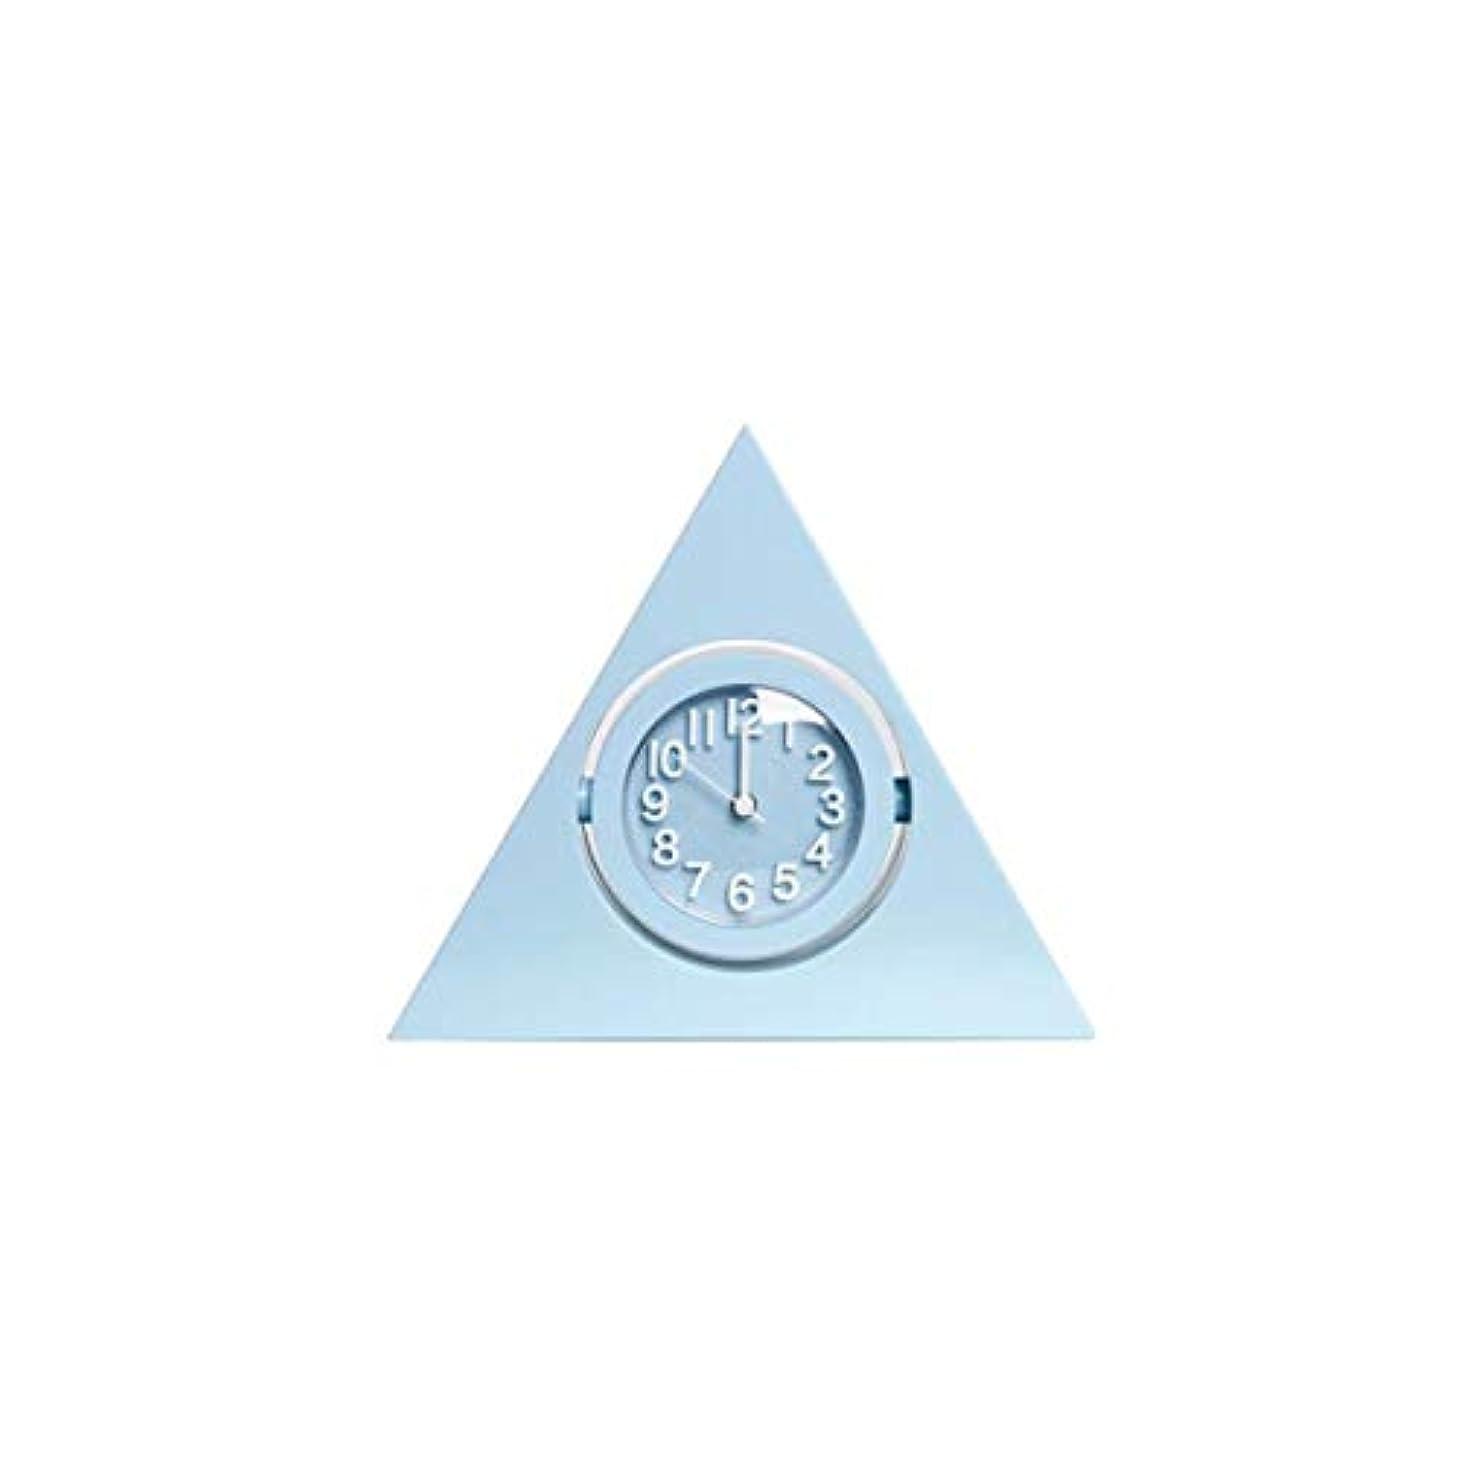 チャット取り除く複雑なQiyuezhuangshi001 目覚まし時計、クリエイティブ学生用時計、寝室のベッドサイドテーブル、置時計、スタイリッシュな三角時計、リビングルーム、サイレントクロック、青、 材料の安全性 (Color : Blue)